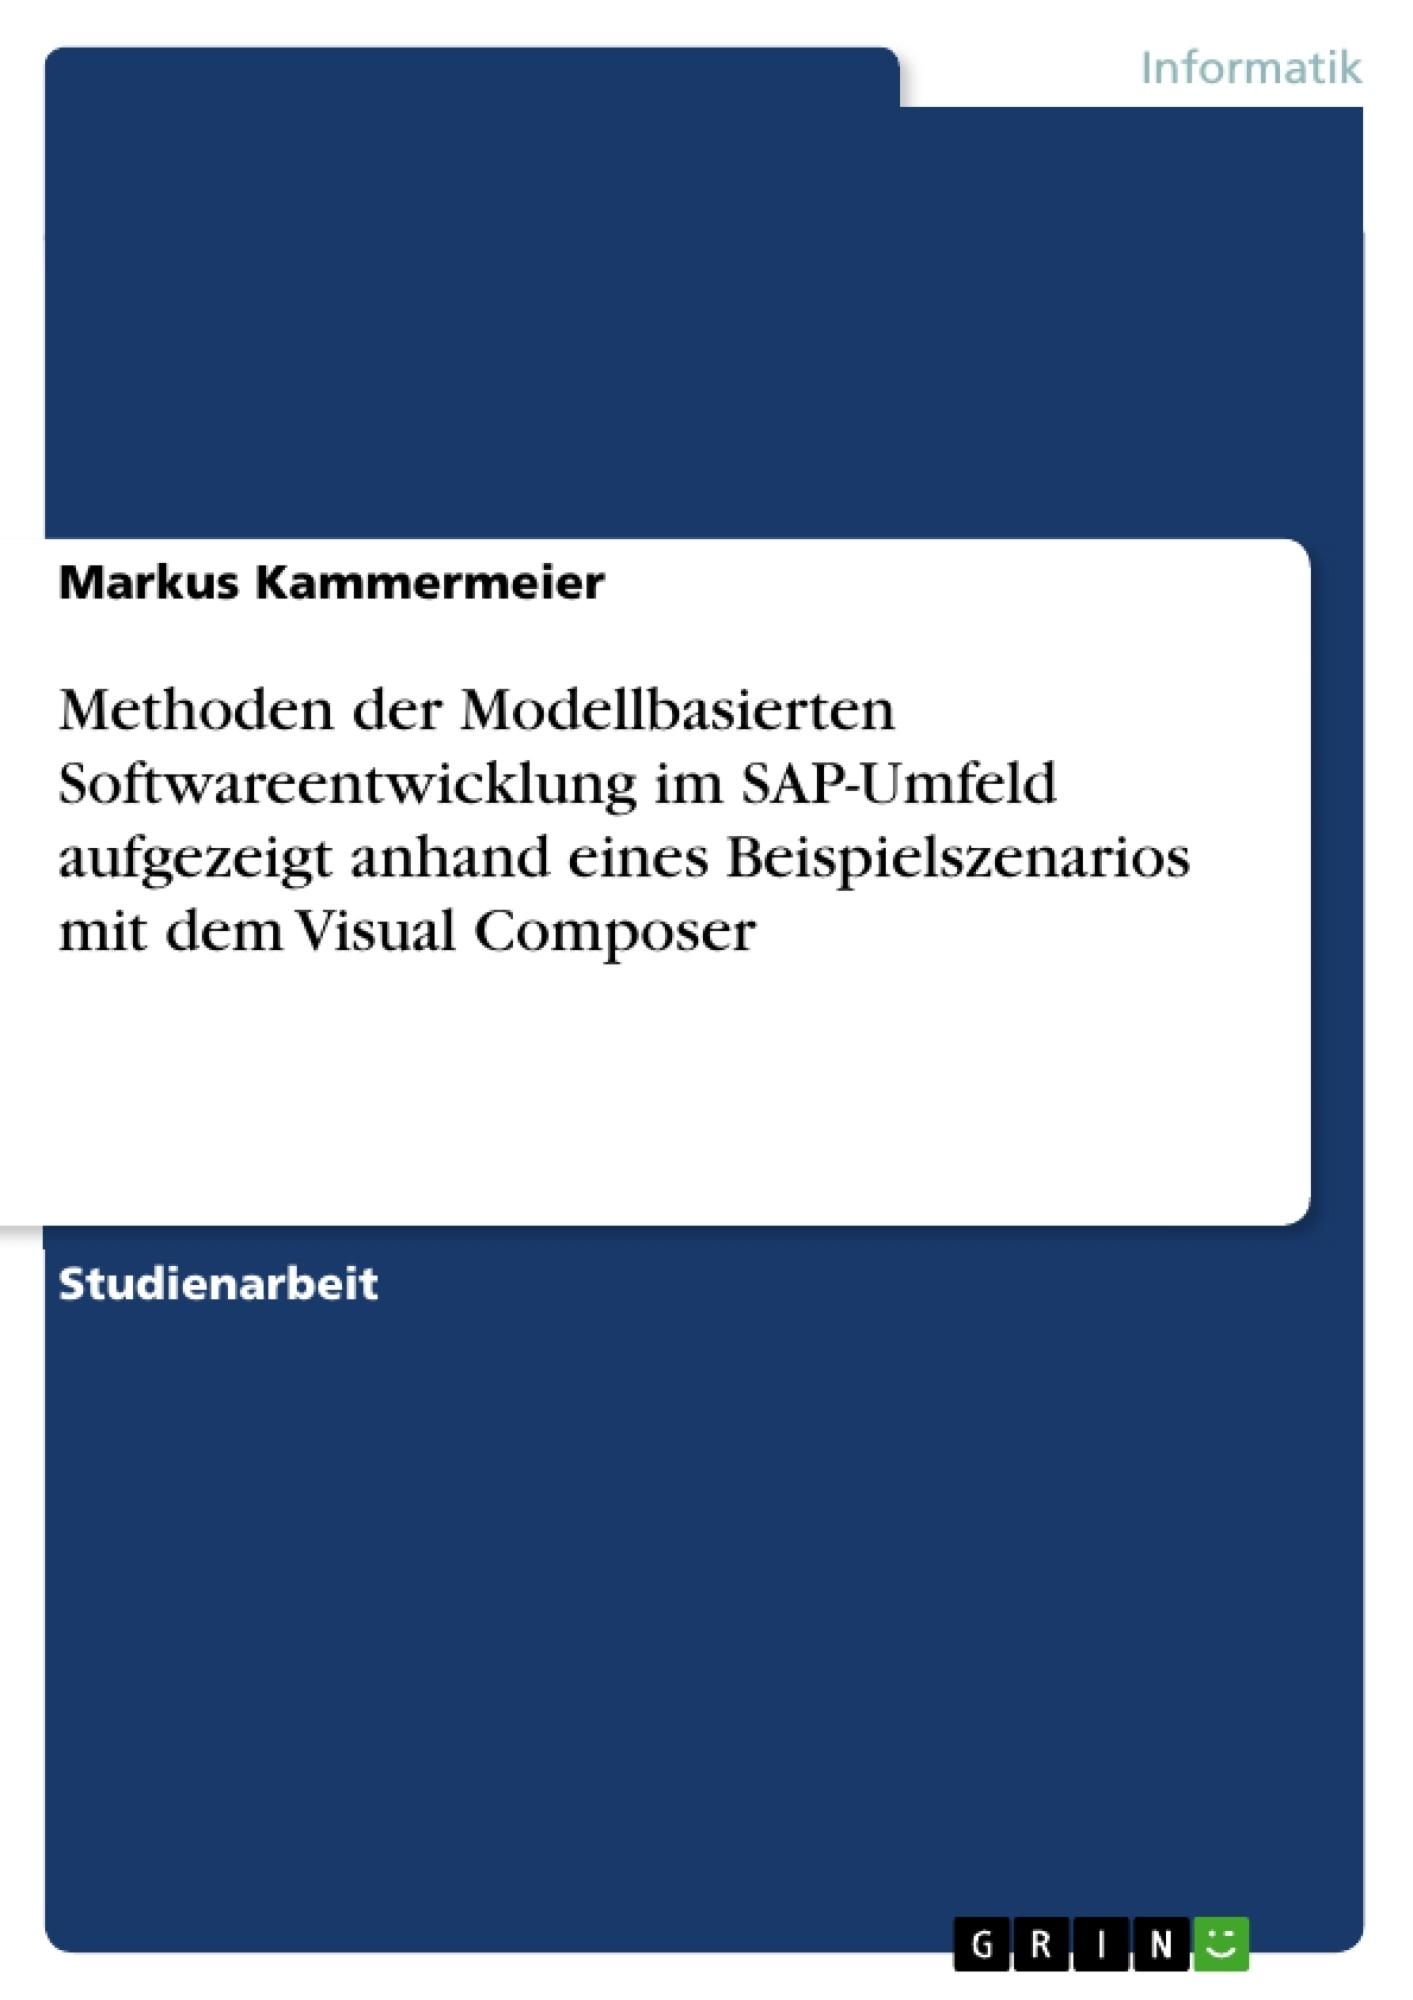 Titel: Methoden der  Modellbasierten Softwareentwicklung im SAP-Umfeld aufgezeigt anhand eines Beispielszenarios mit dem Visual Composer